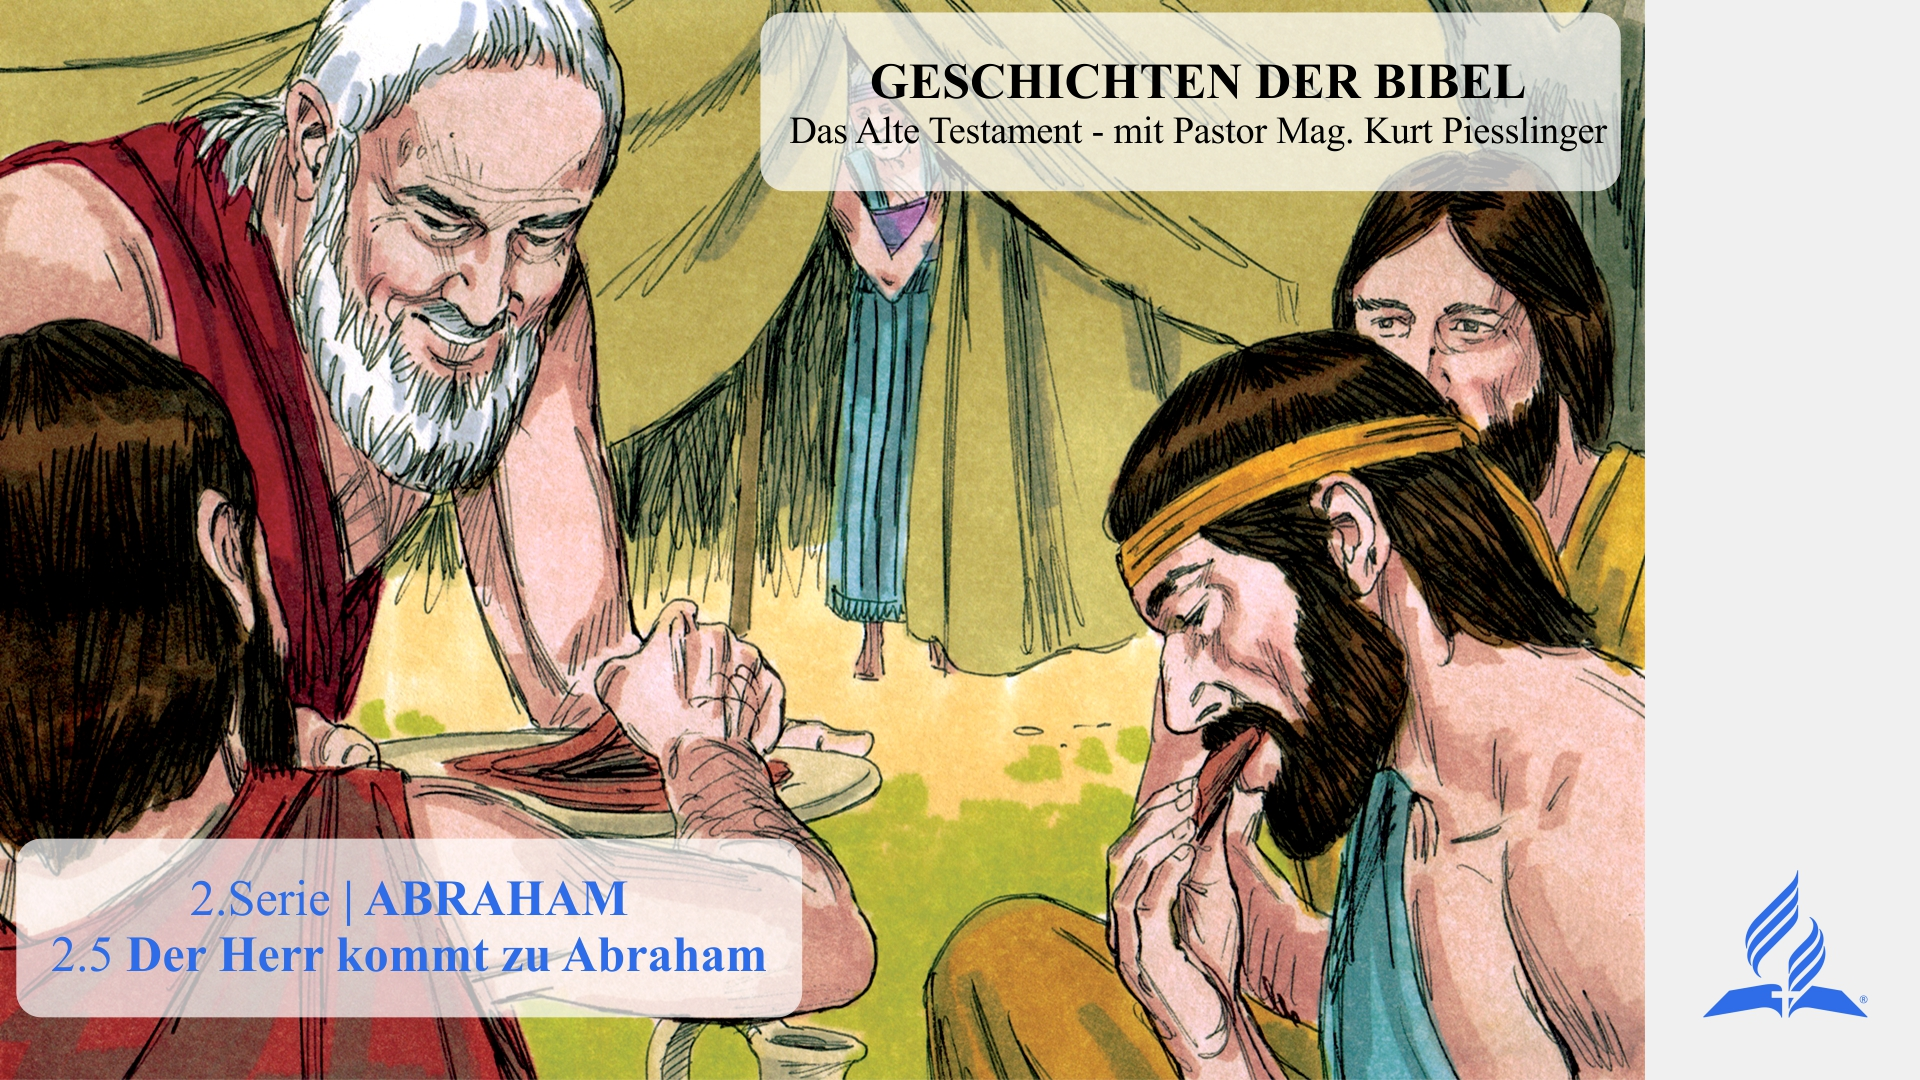 2.5 Der Herr kommt zu Abraham – 2.ABRAHAM | Pastor Mag. Kurt Piesslinger